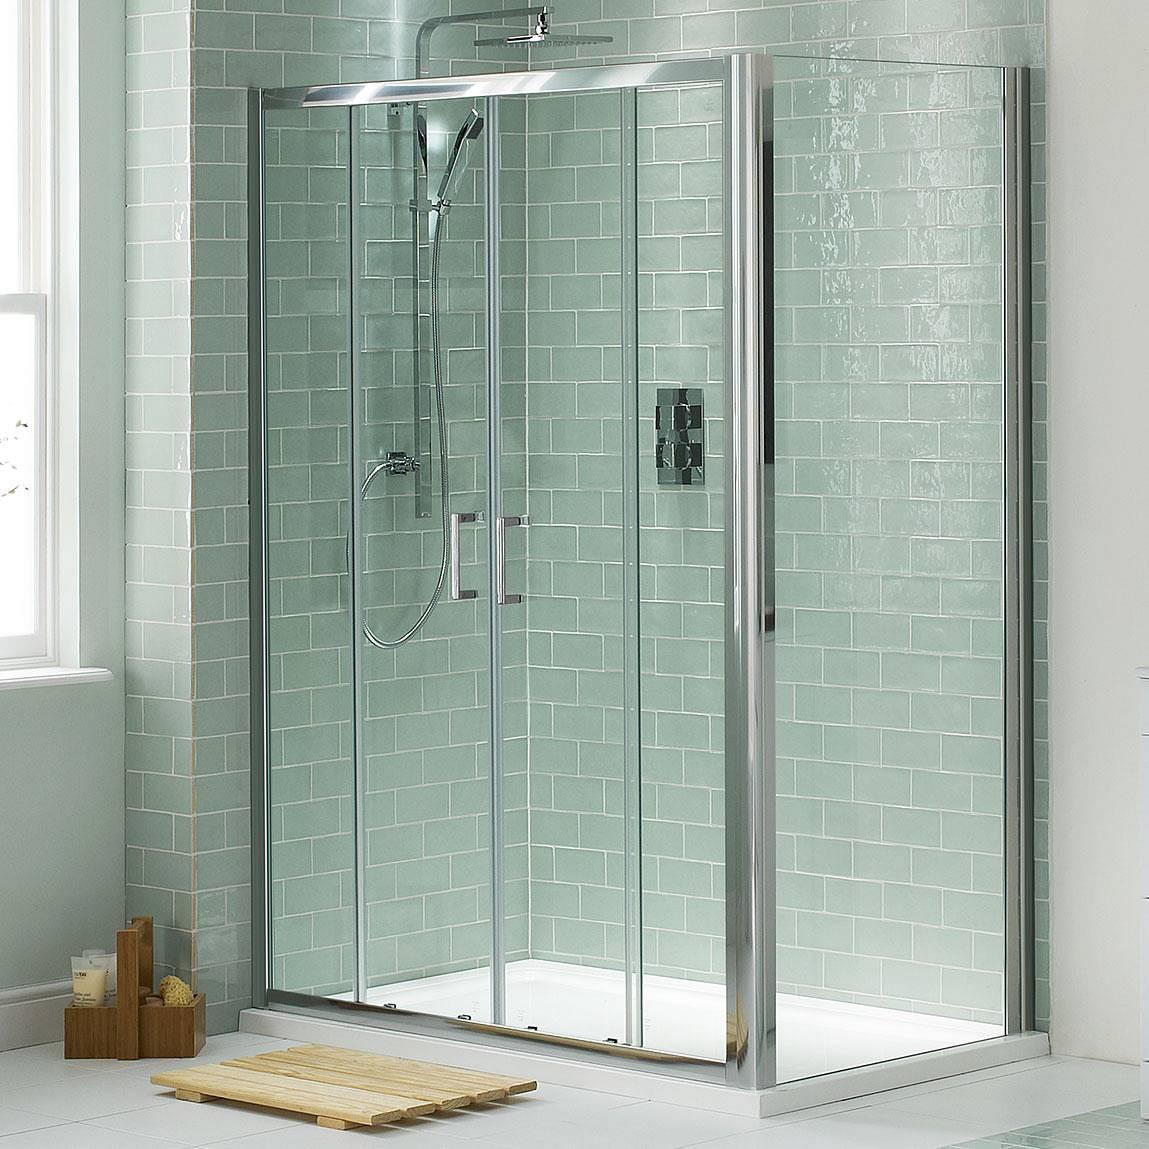 Image of V6 Sliding Shower Enclosure 1400 x 900